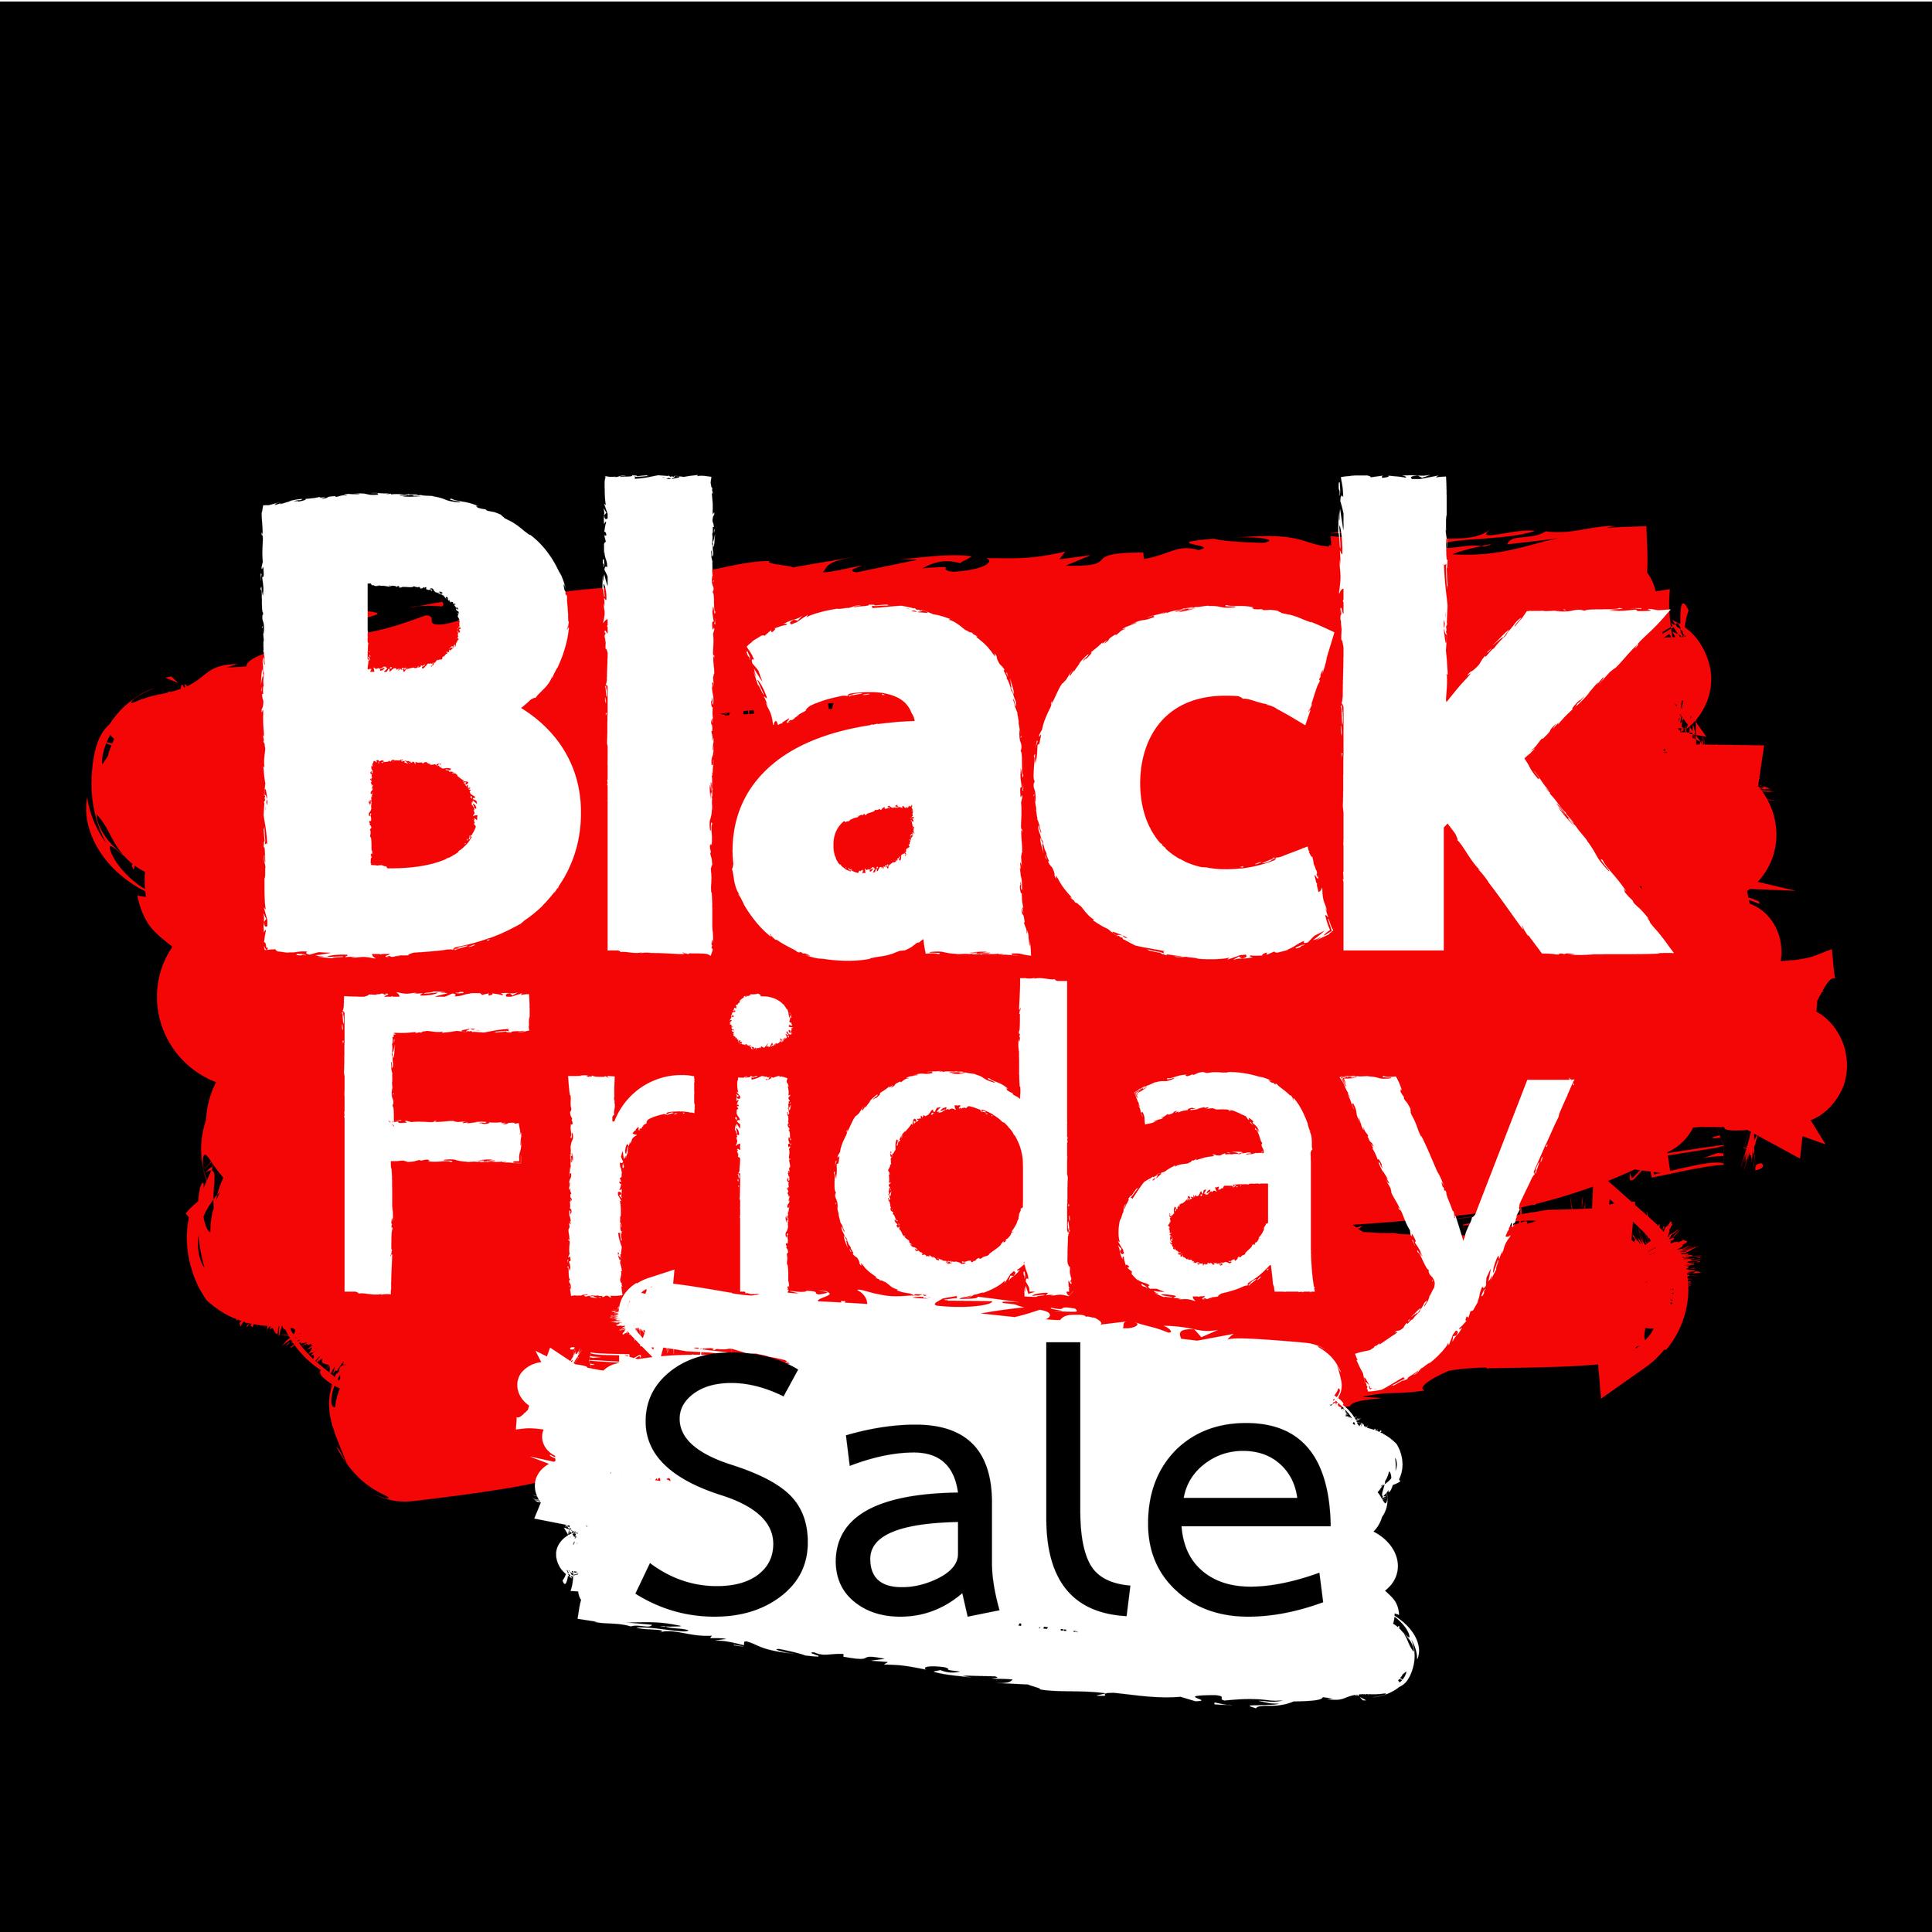 black-friday-sale-design